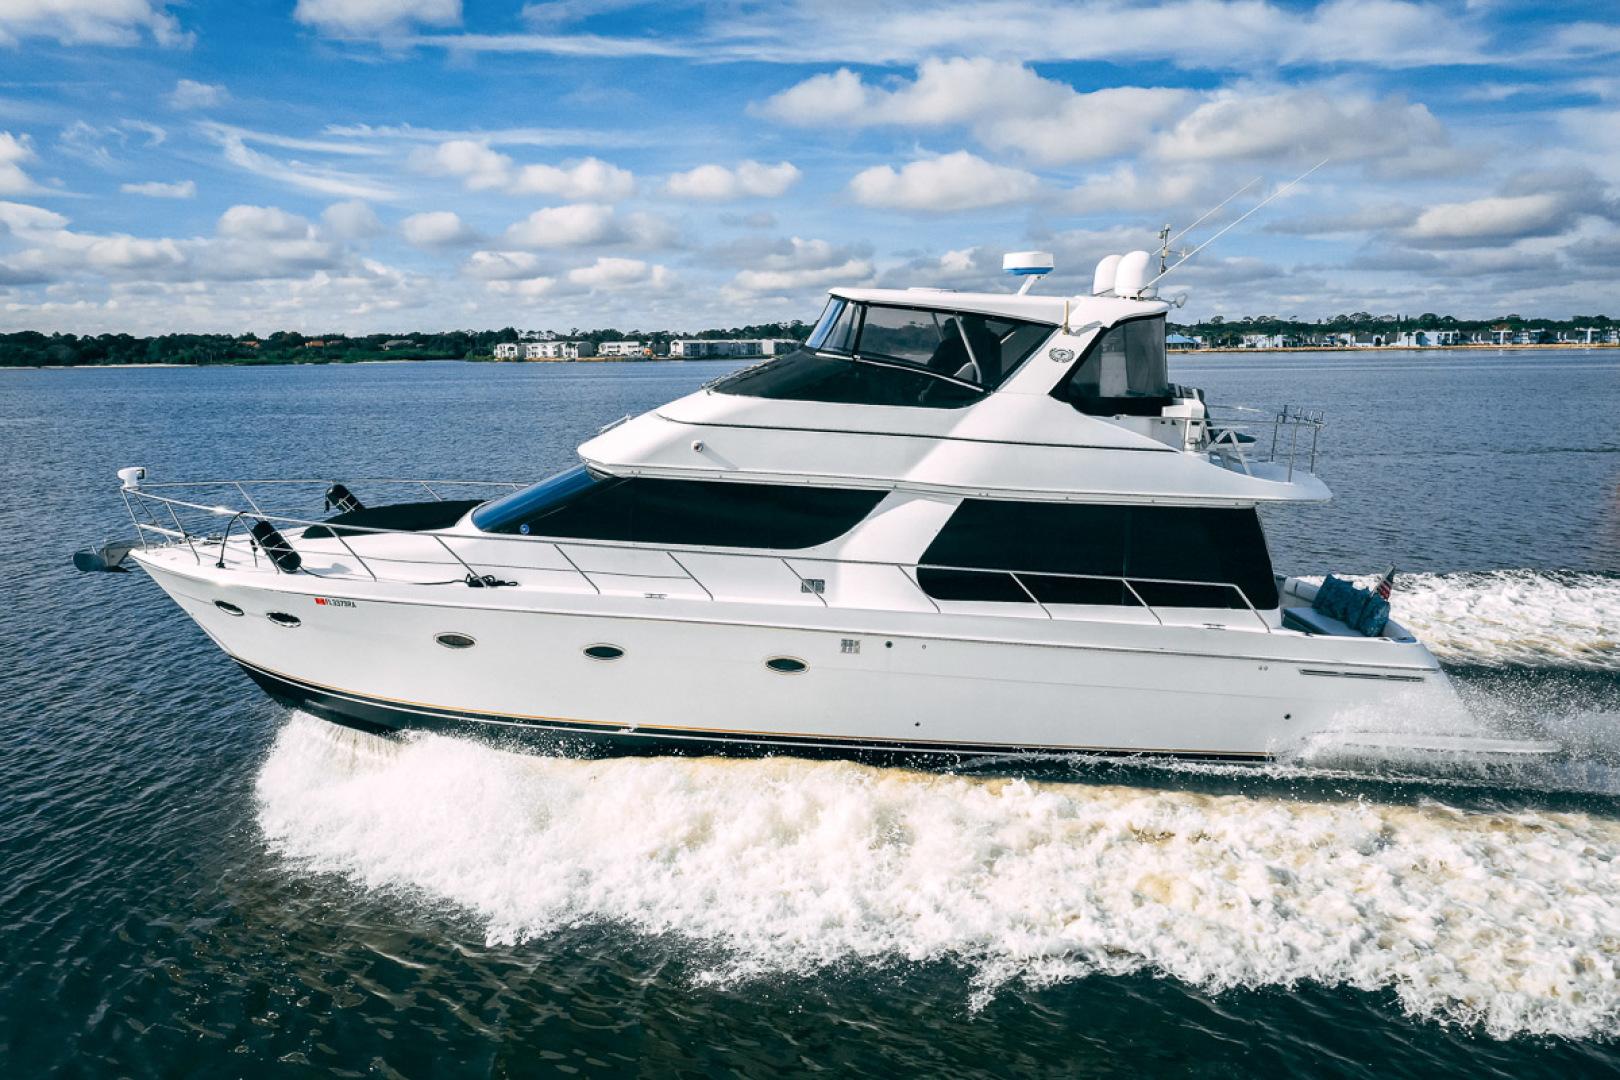 Carver 530 Voyager